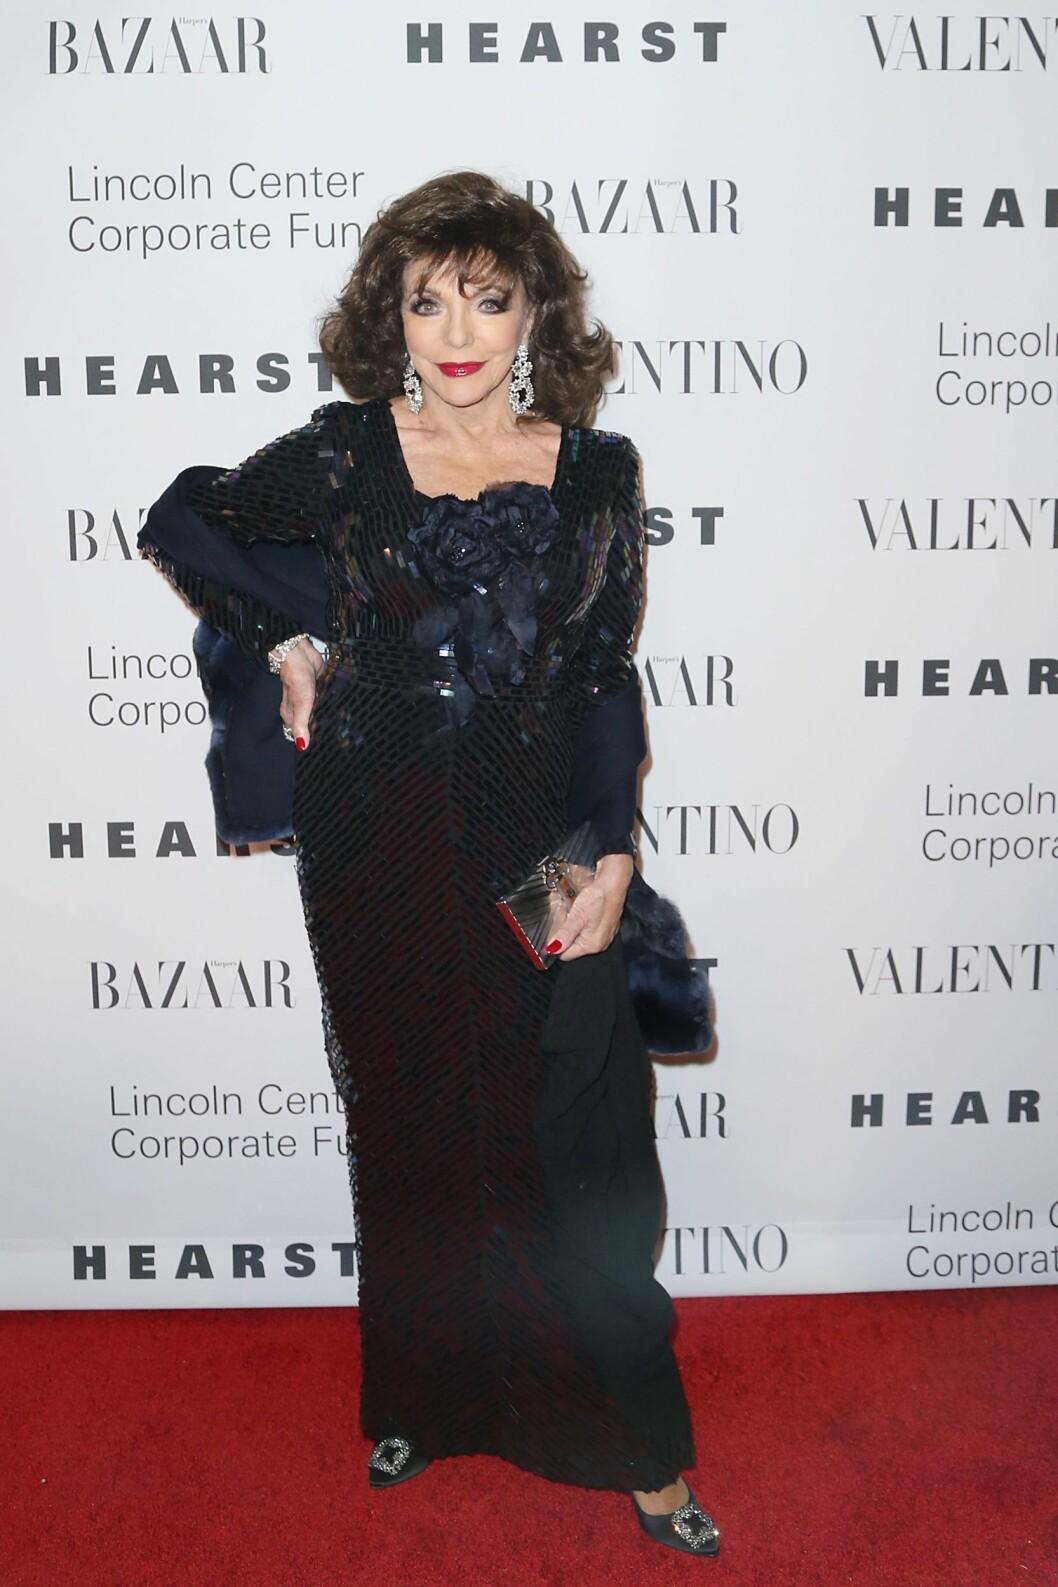 <strong>FULL GLAMOUR:</strong> Skuespillerdiva Joan Collins strålte i en paljettbesatt, midnattsblå kjole stylet med røde lepper og negler, glitrende sko og øredobber, samt en boksclutch i sølv.  Foto: SipaUSA